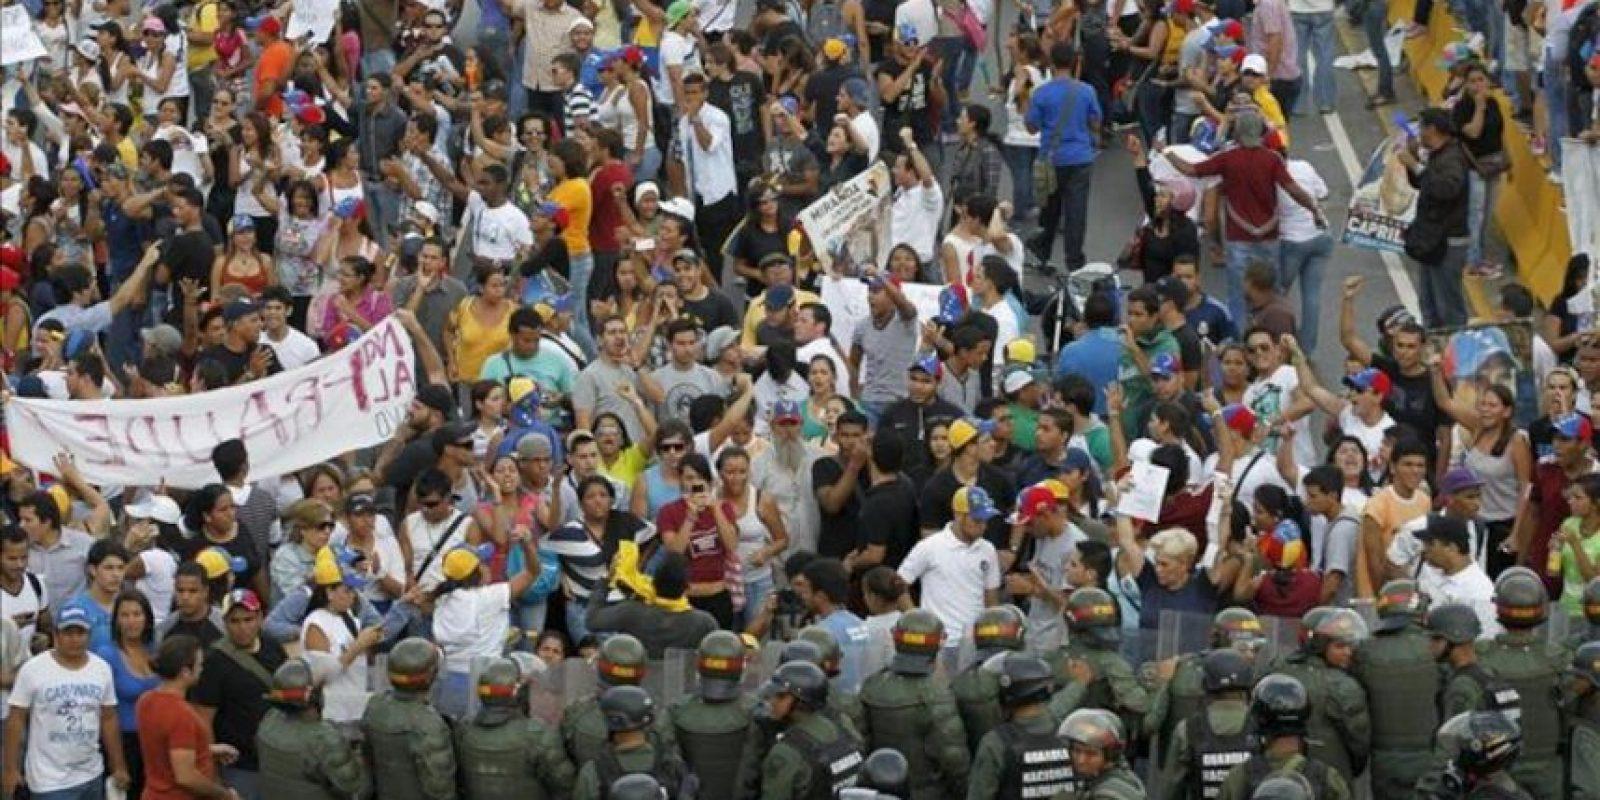 En la imagen, miembros de la Guardia Nacional detienen a los manifestantes inconformes con el resultado de las elecciones en Venezuela. EFE/Archivo